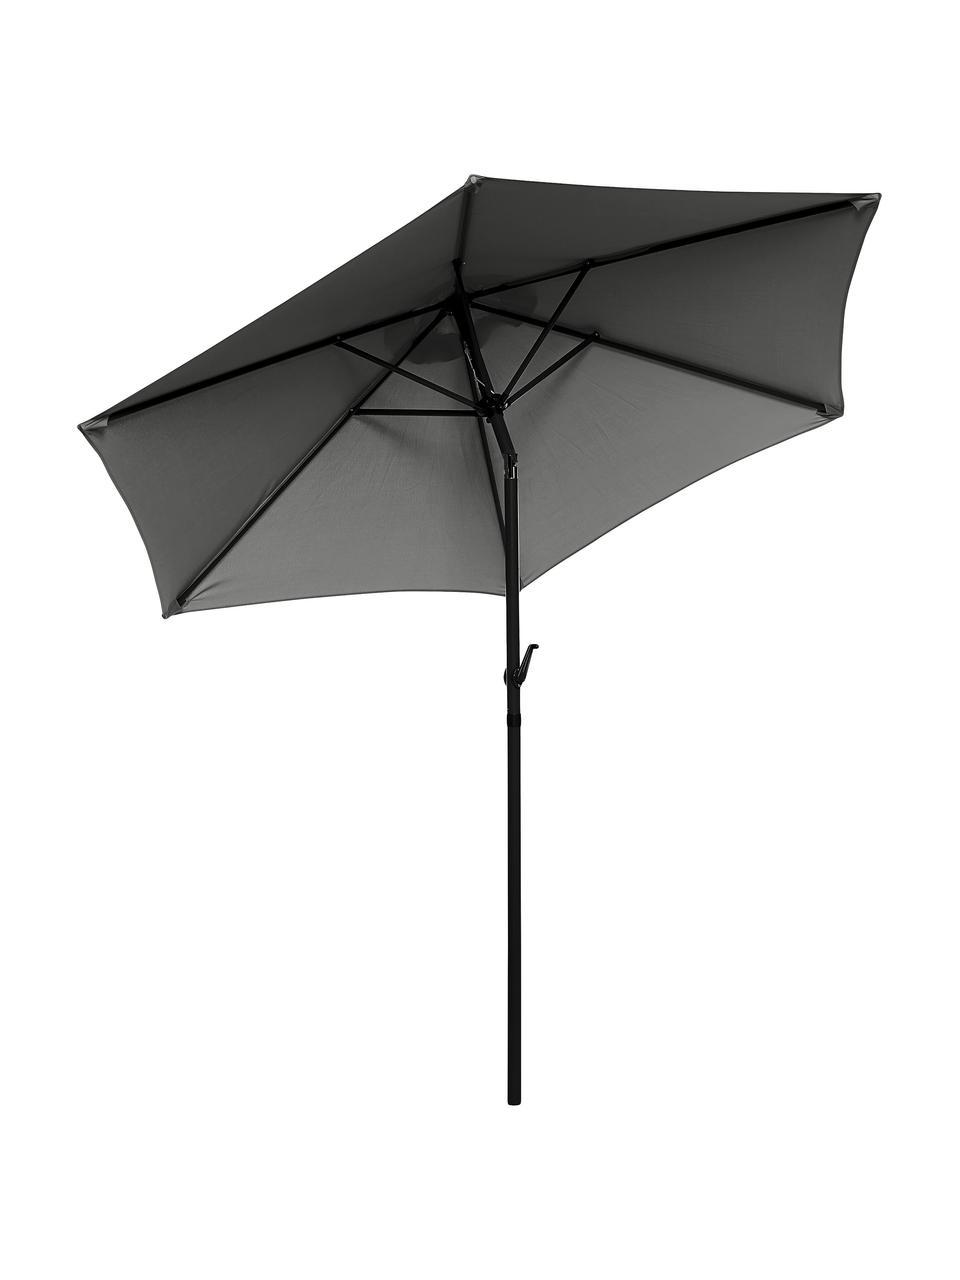 Schwarzer Sonnenschirm Siesta mit Kurbel, abknickbar, Gestell: Aluminium, beschichtet, Bezug: Polyester, Anthrazit, Schwarz, Ø 250 x H 240 cm